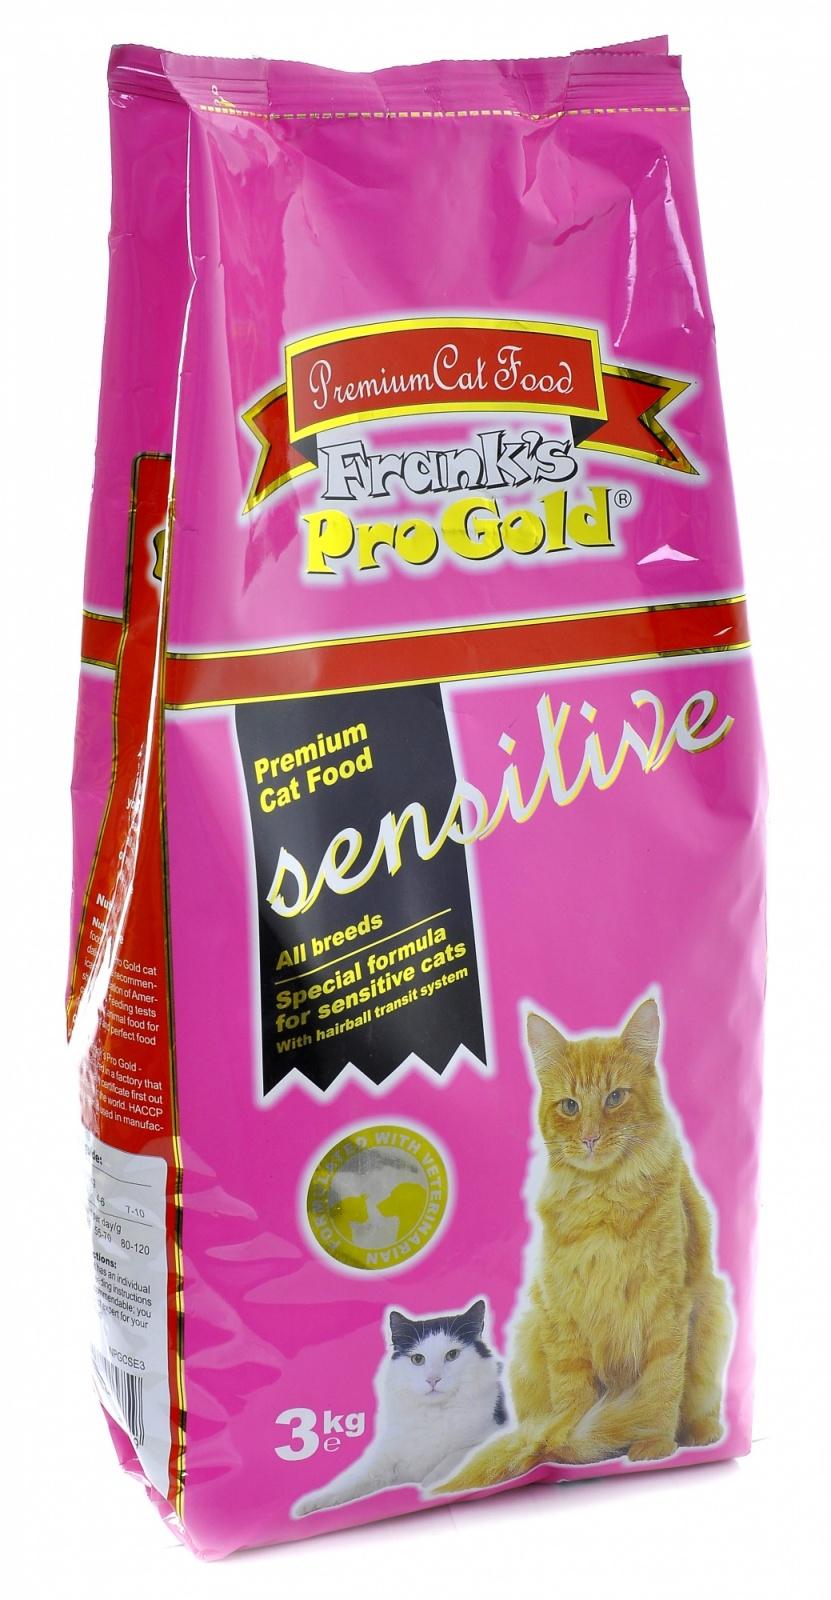 Франкс Про Голд Корм Sensitive 32/18 Ягненок по-голландски для кошек с чувствительным пищеварением, в ассортименте, Frank's ProGold